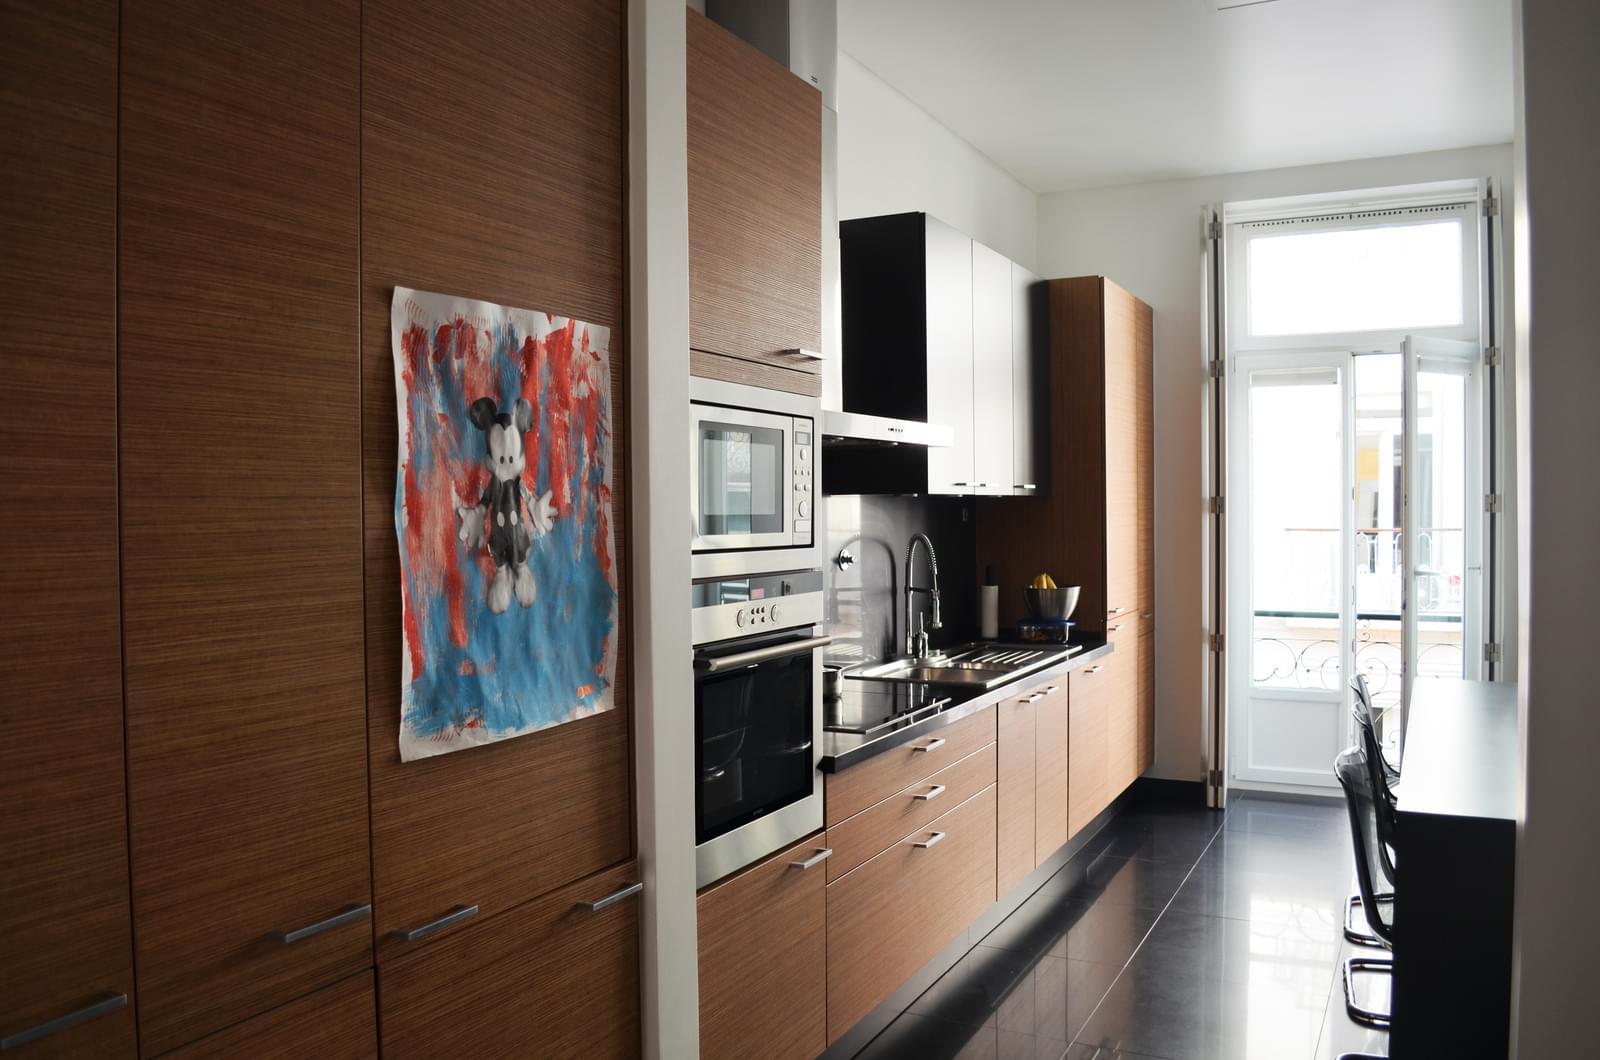 pf18712-apartamento-t2-lisboa-dbb262e2-c019-4fe3-be8c-f9cdaa6f4d4f